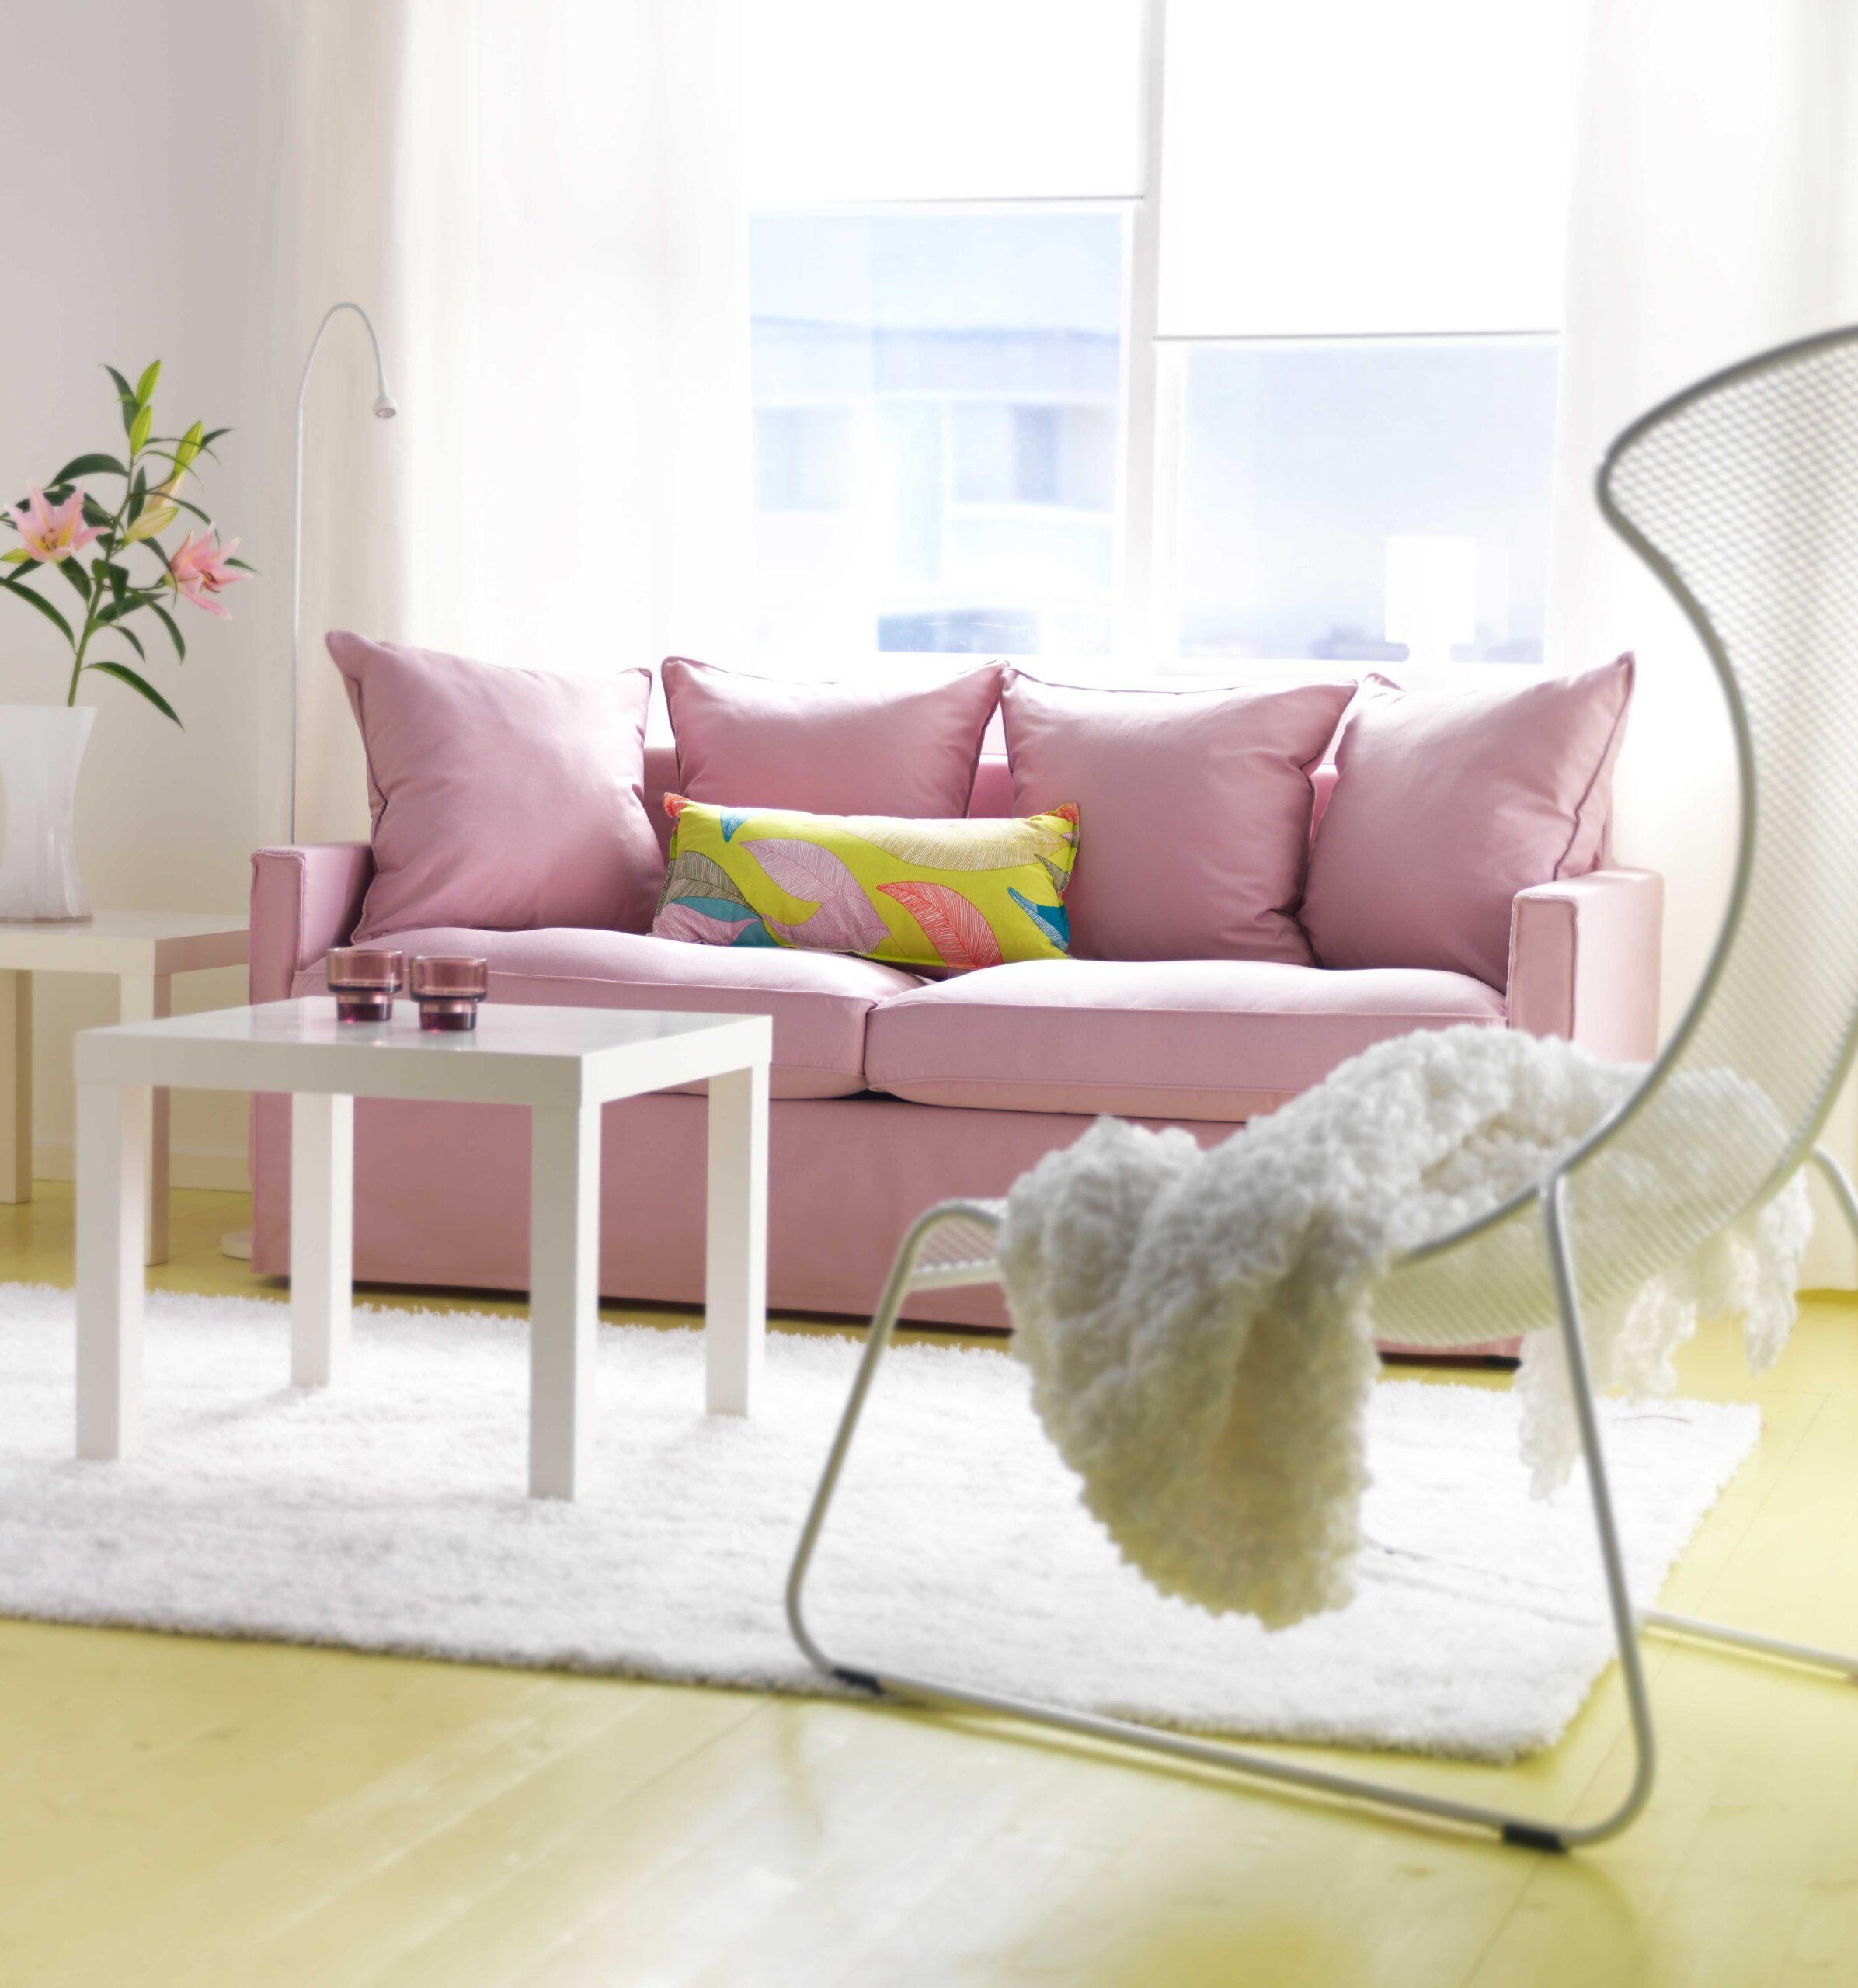 Full Size of Ikea Sessel Rosa Vedbo Gubbo Neu Kariert Samt Wohnzimmer Wohnzimmermbel Online Kaufen Mbel Frs Relaxsessel Garten Küche Betten Bei Kosten Schlafzimmer Wohnzimmer Sessel Rosa Ikea